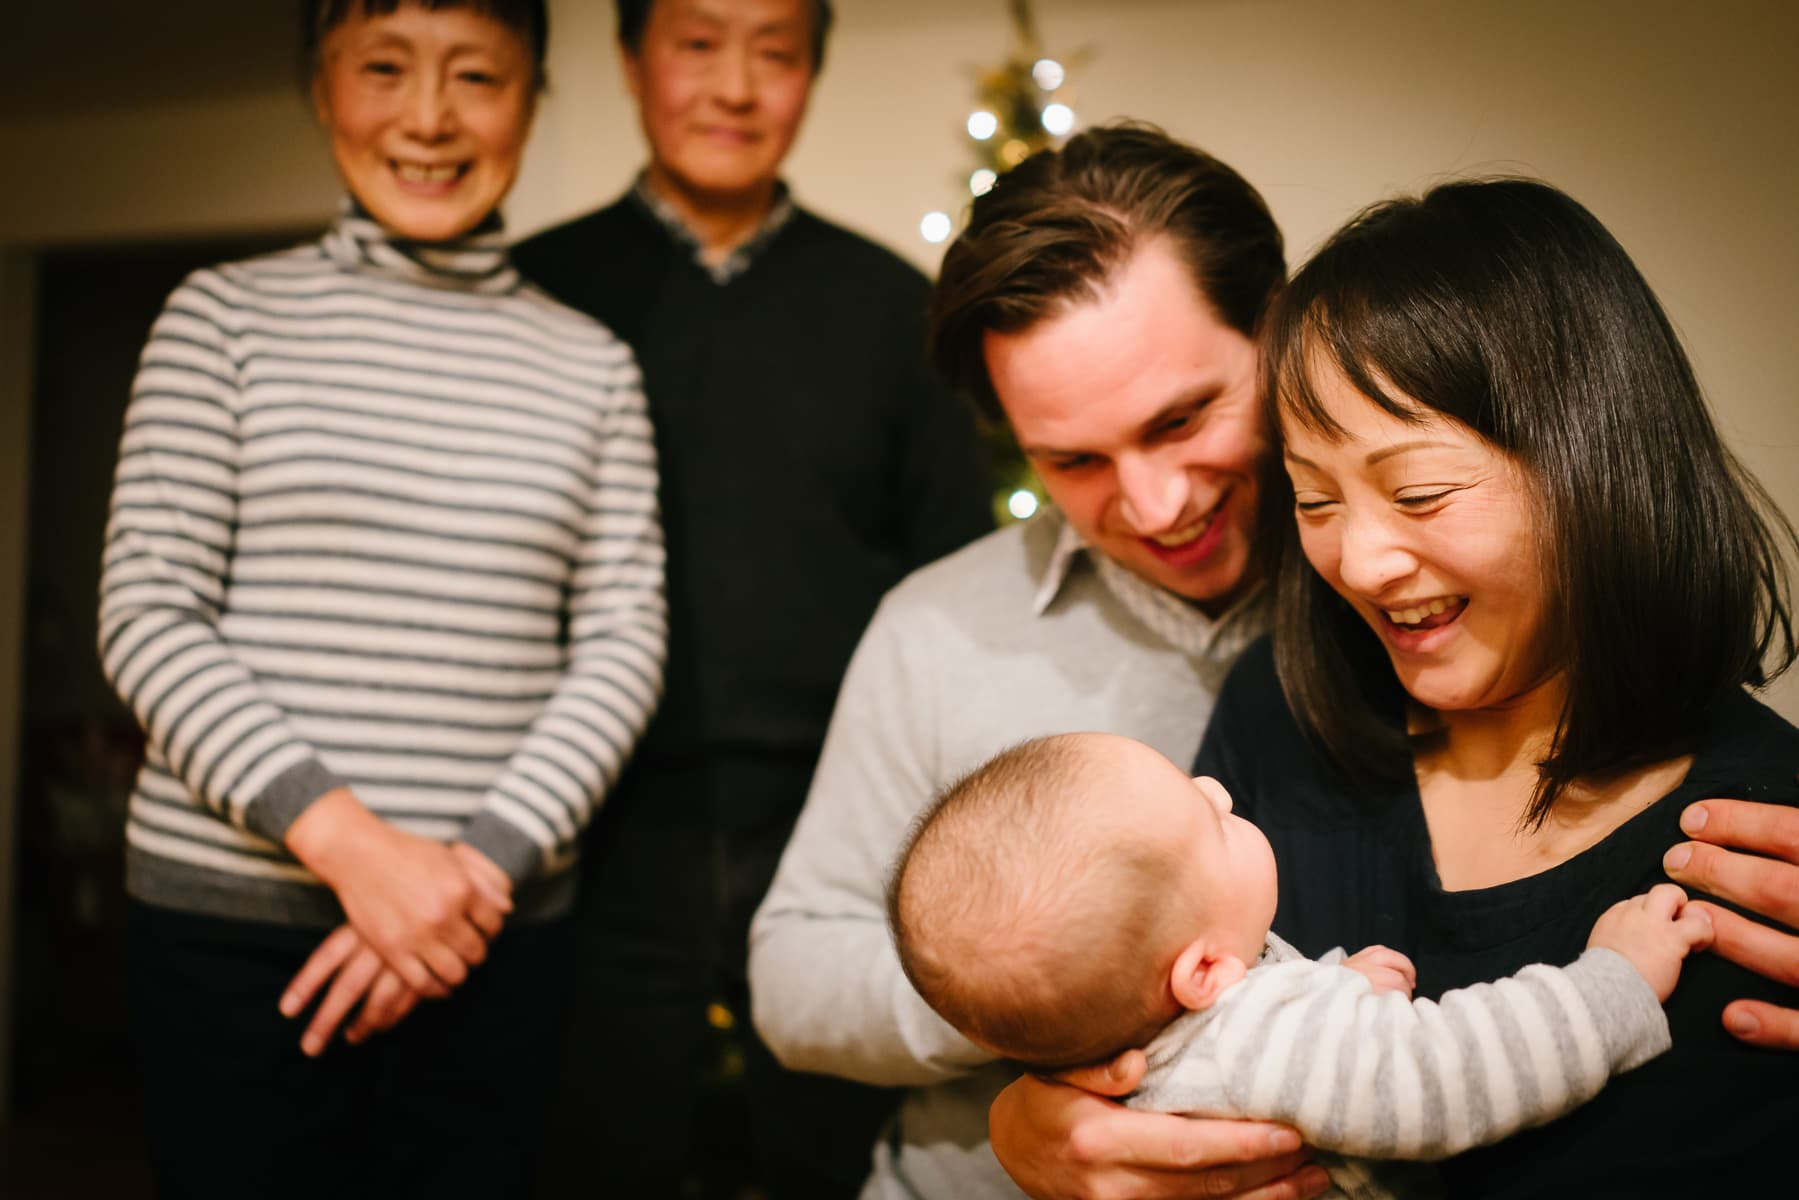 Familienfotograf Lörrach Freiburg Eltern Großeltern mit Baby